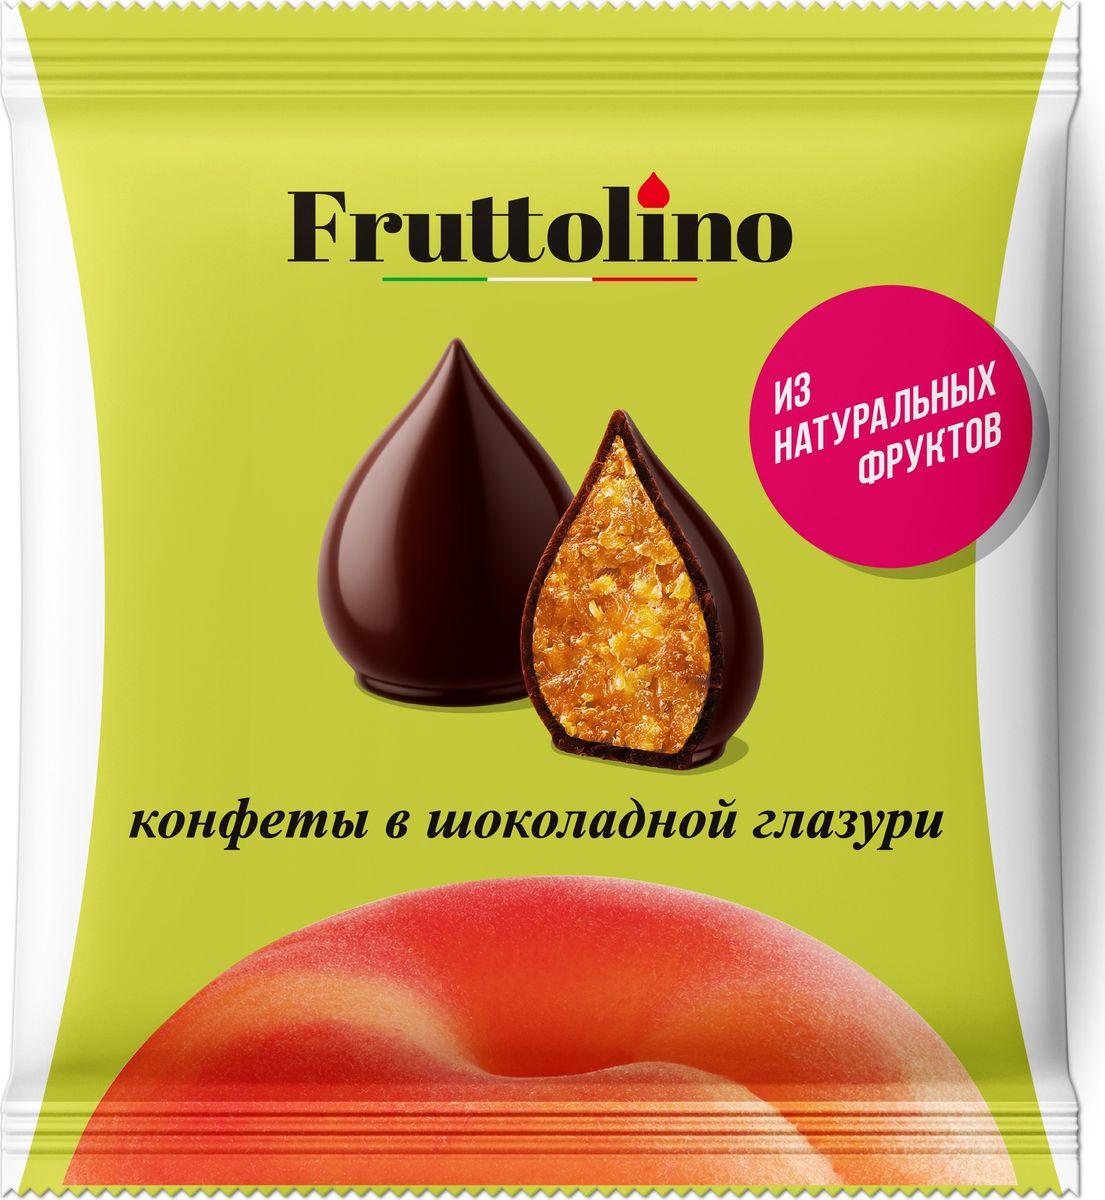 Fruttolino Персик конфеты, 140 г спеленок сок спелёнок яблоко персик с мякотью 0 2 л с 5 мес